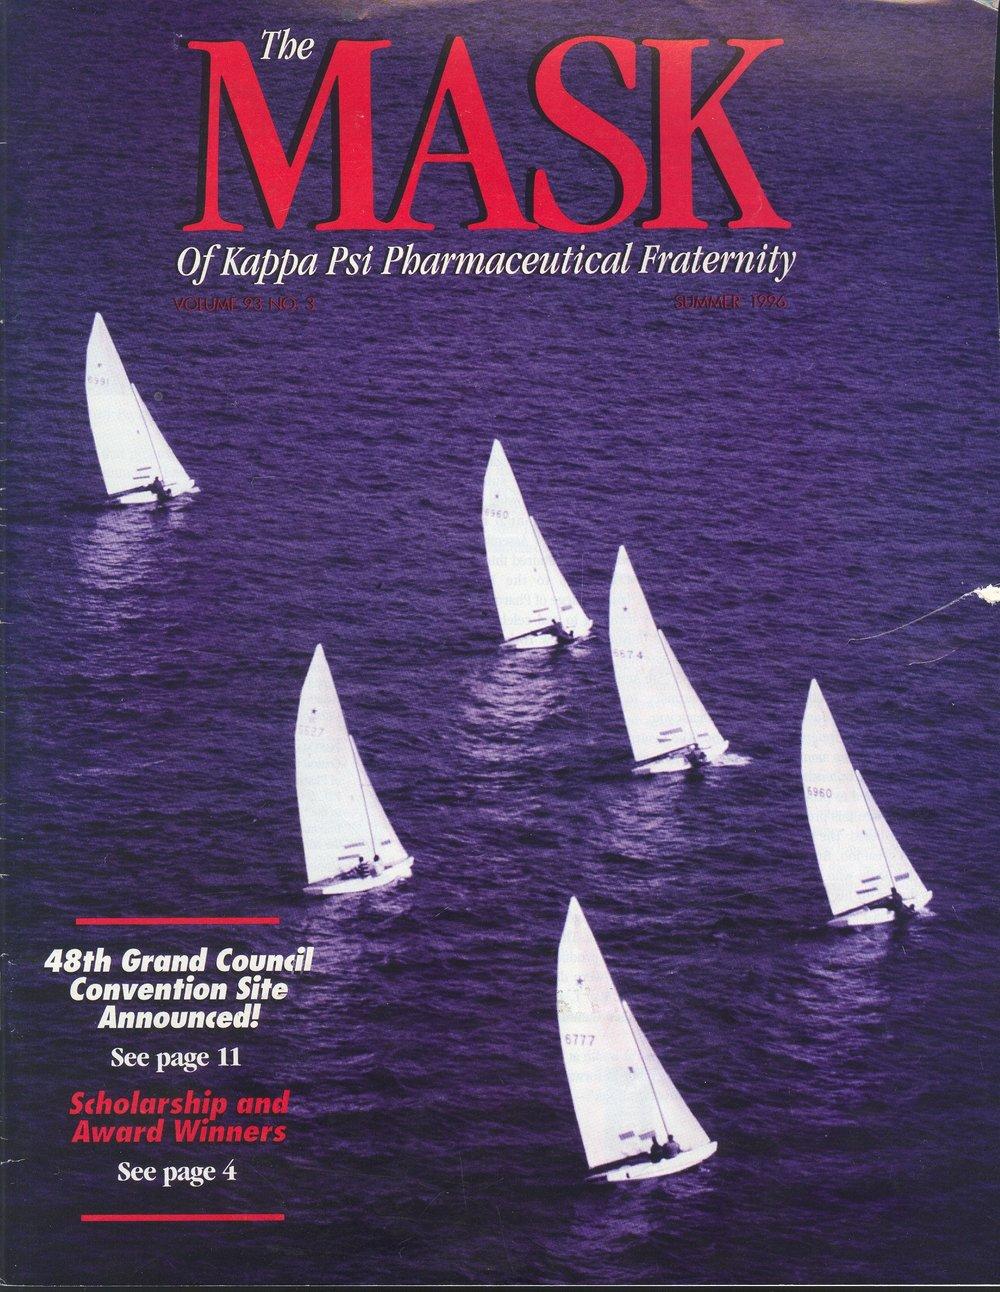 mask_cover_06_1996.jpg